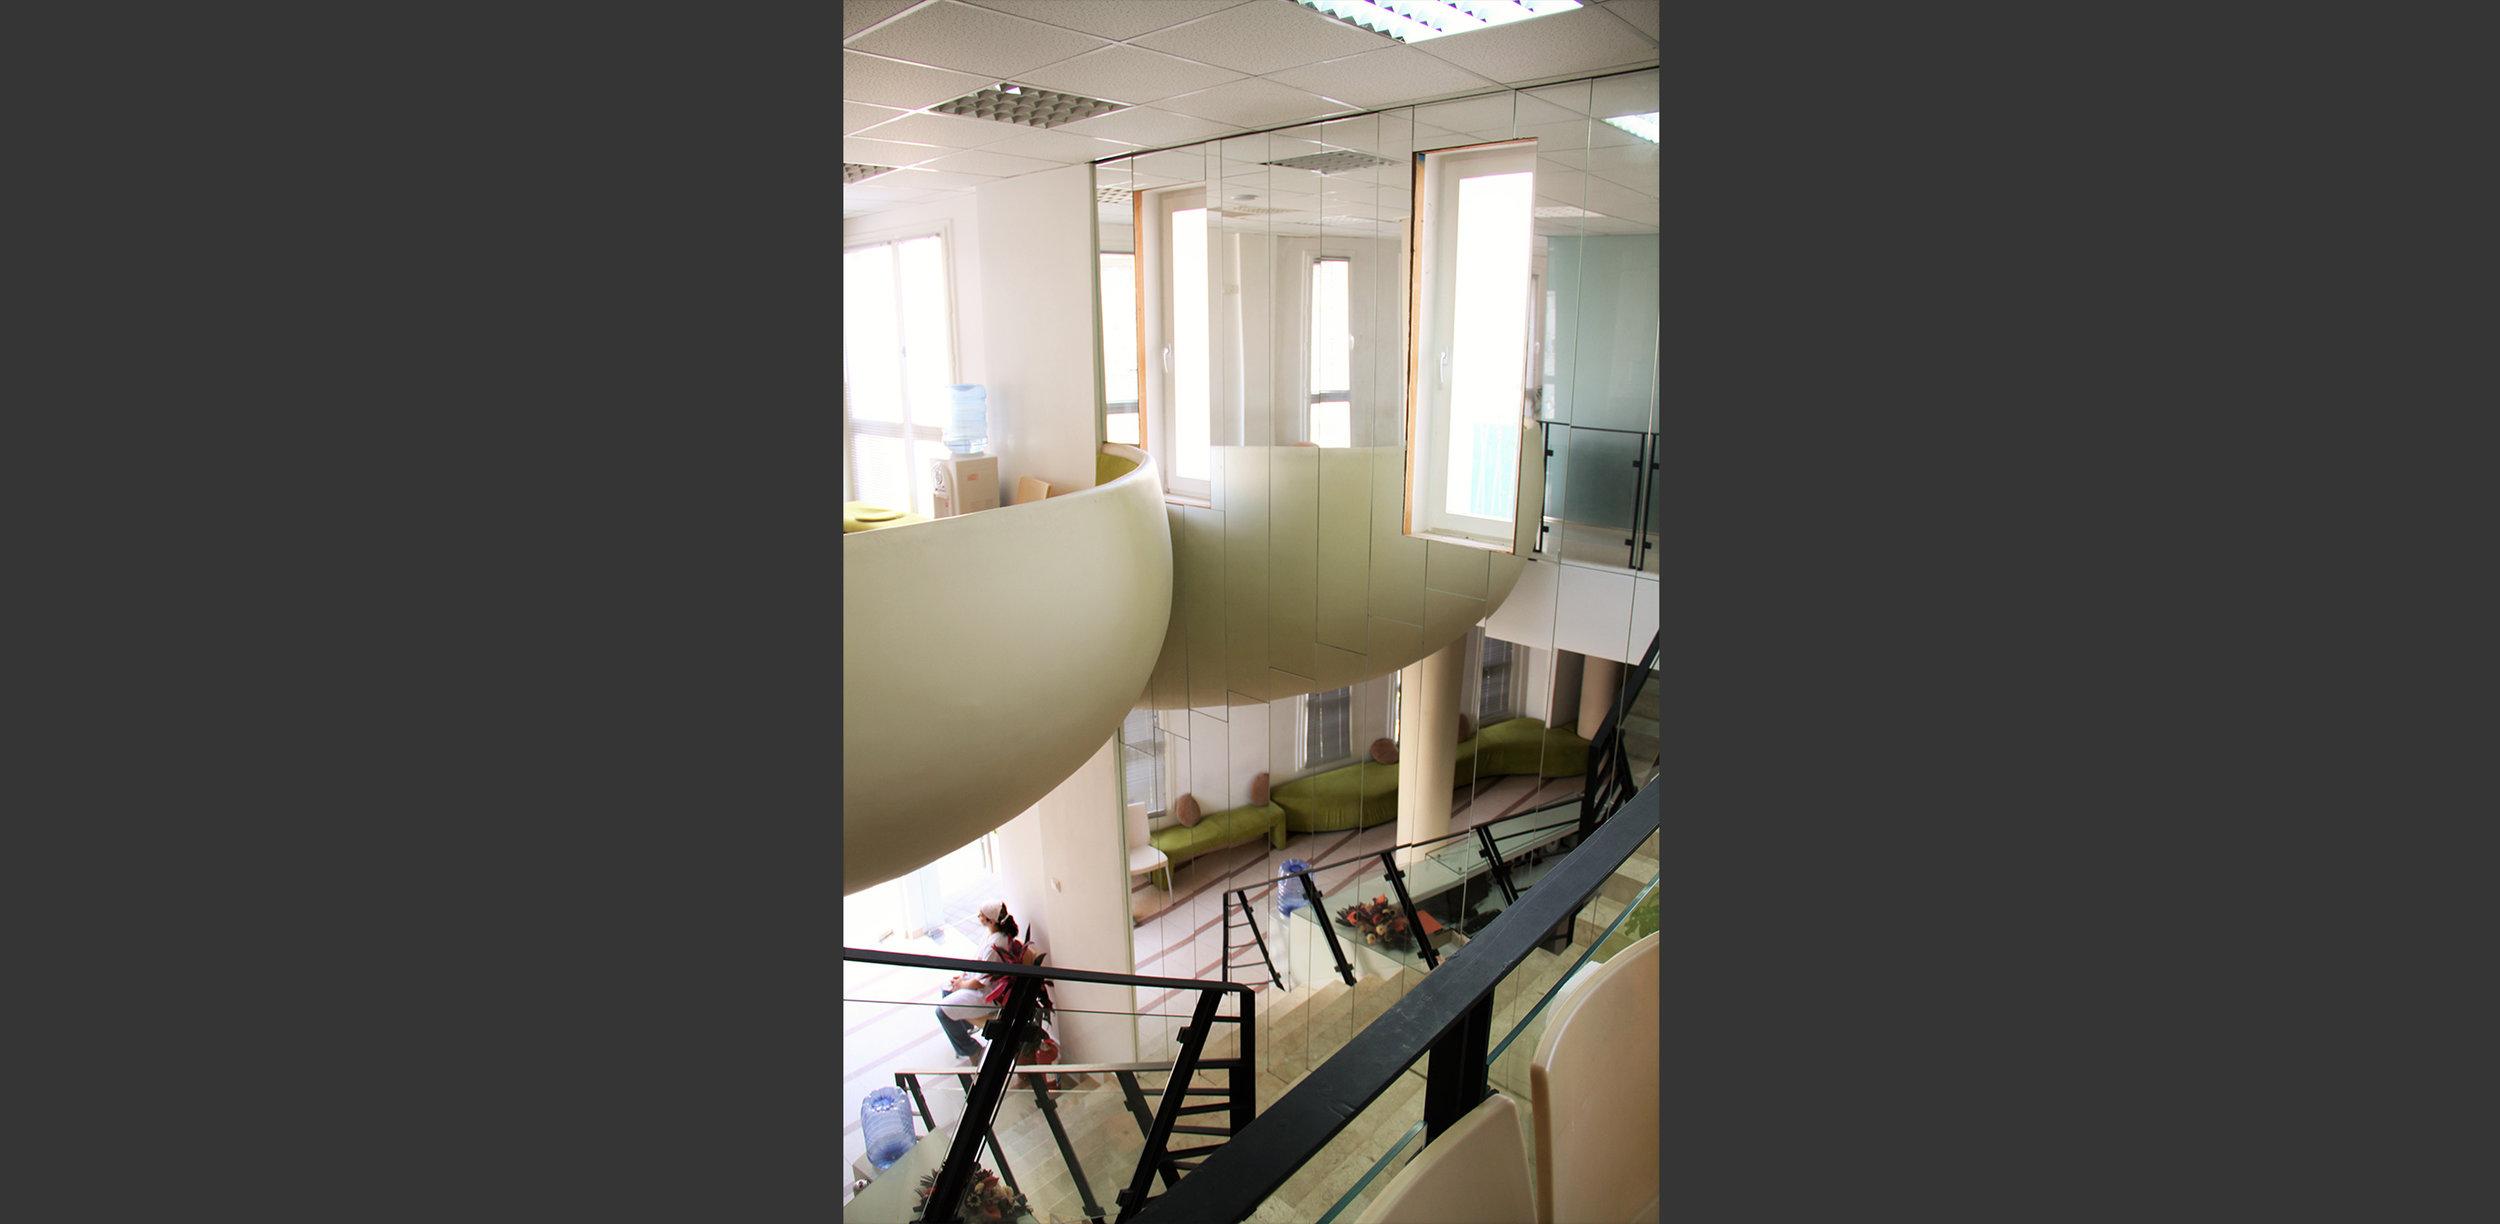 intérieur Clinique fécondation in-vitro Tiziri Alger. Atelier Messaoudi architecture aménagement et design. Bureau d'étude Algérie.